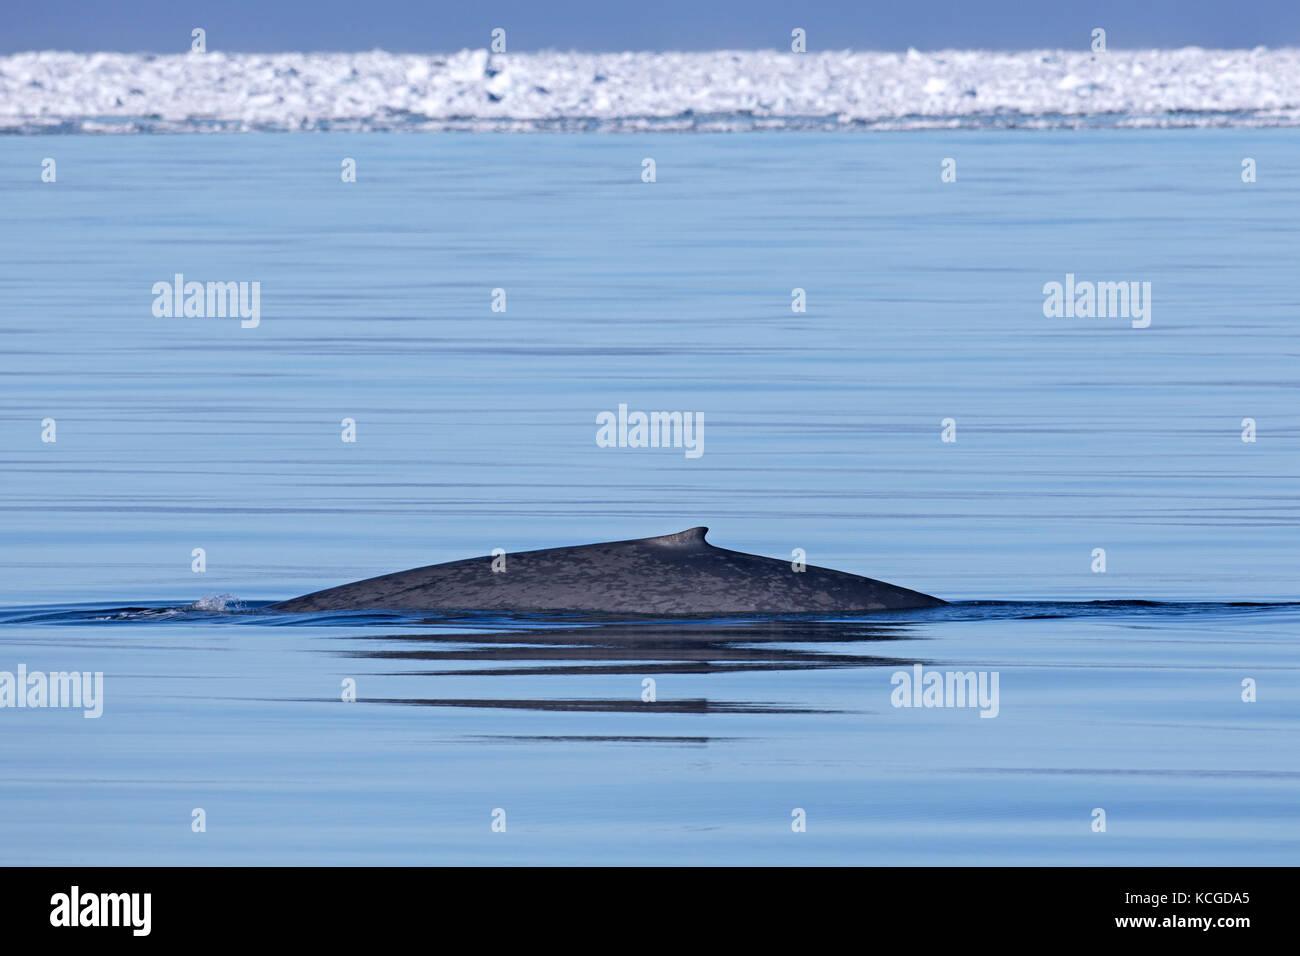 La ballena azul (Balaenoptera musculus) aflora el océano Ártico y mostrando la pequeña aleta dorsal, Svalbard, Noruega Foto de stock